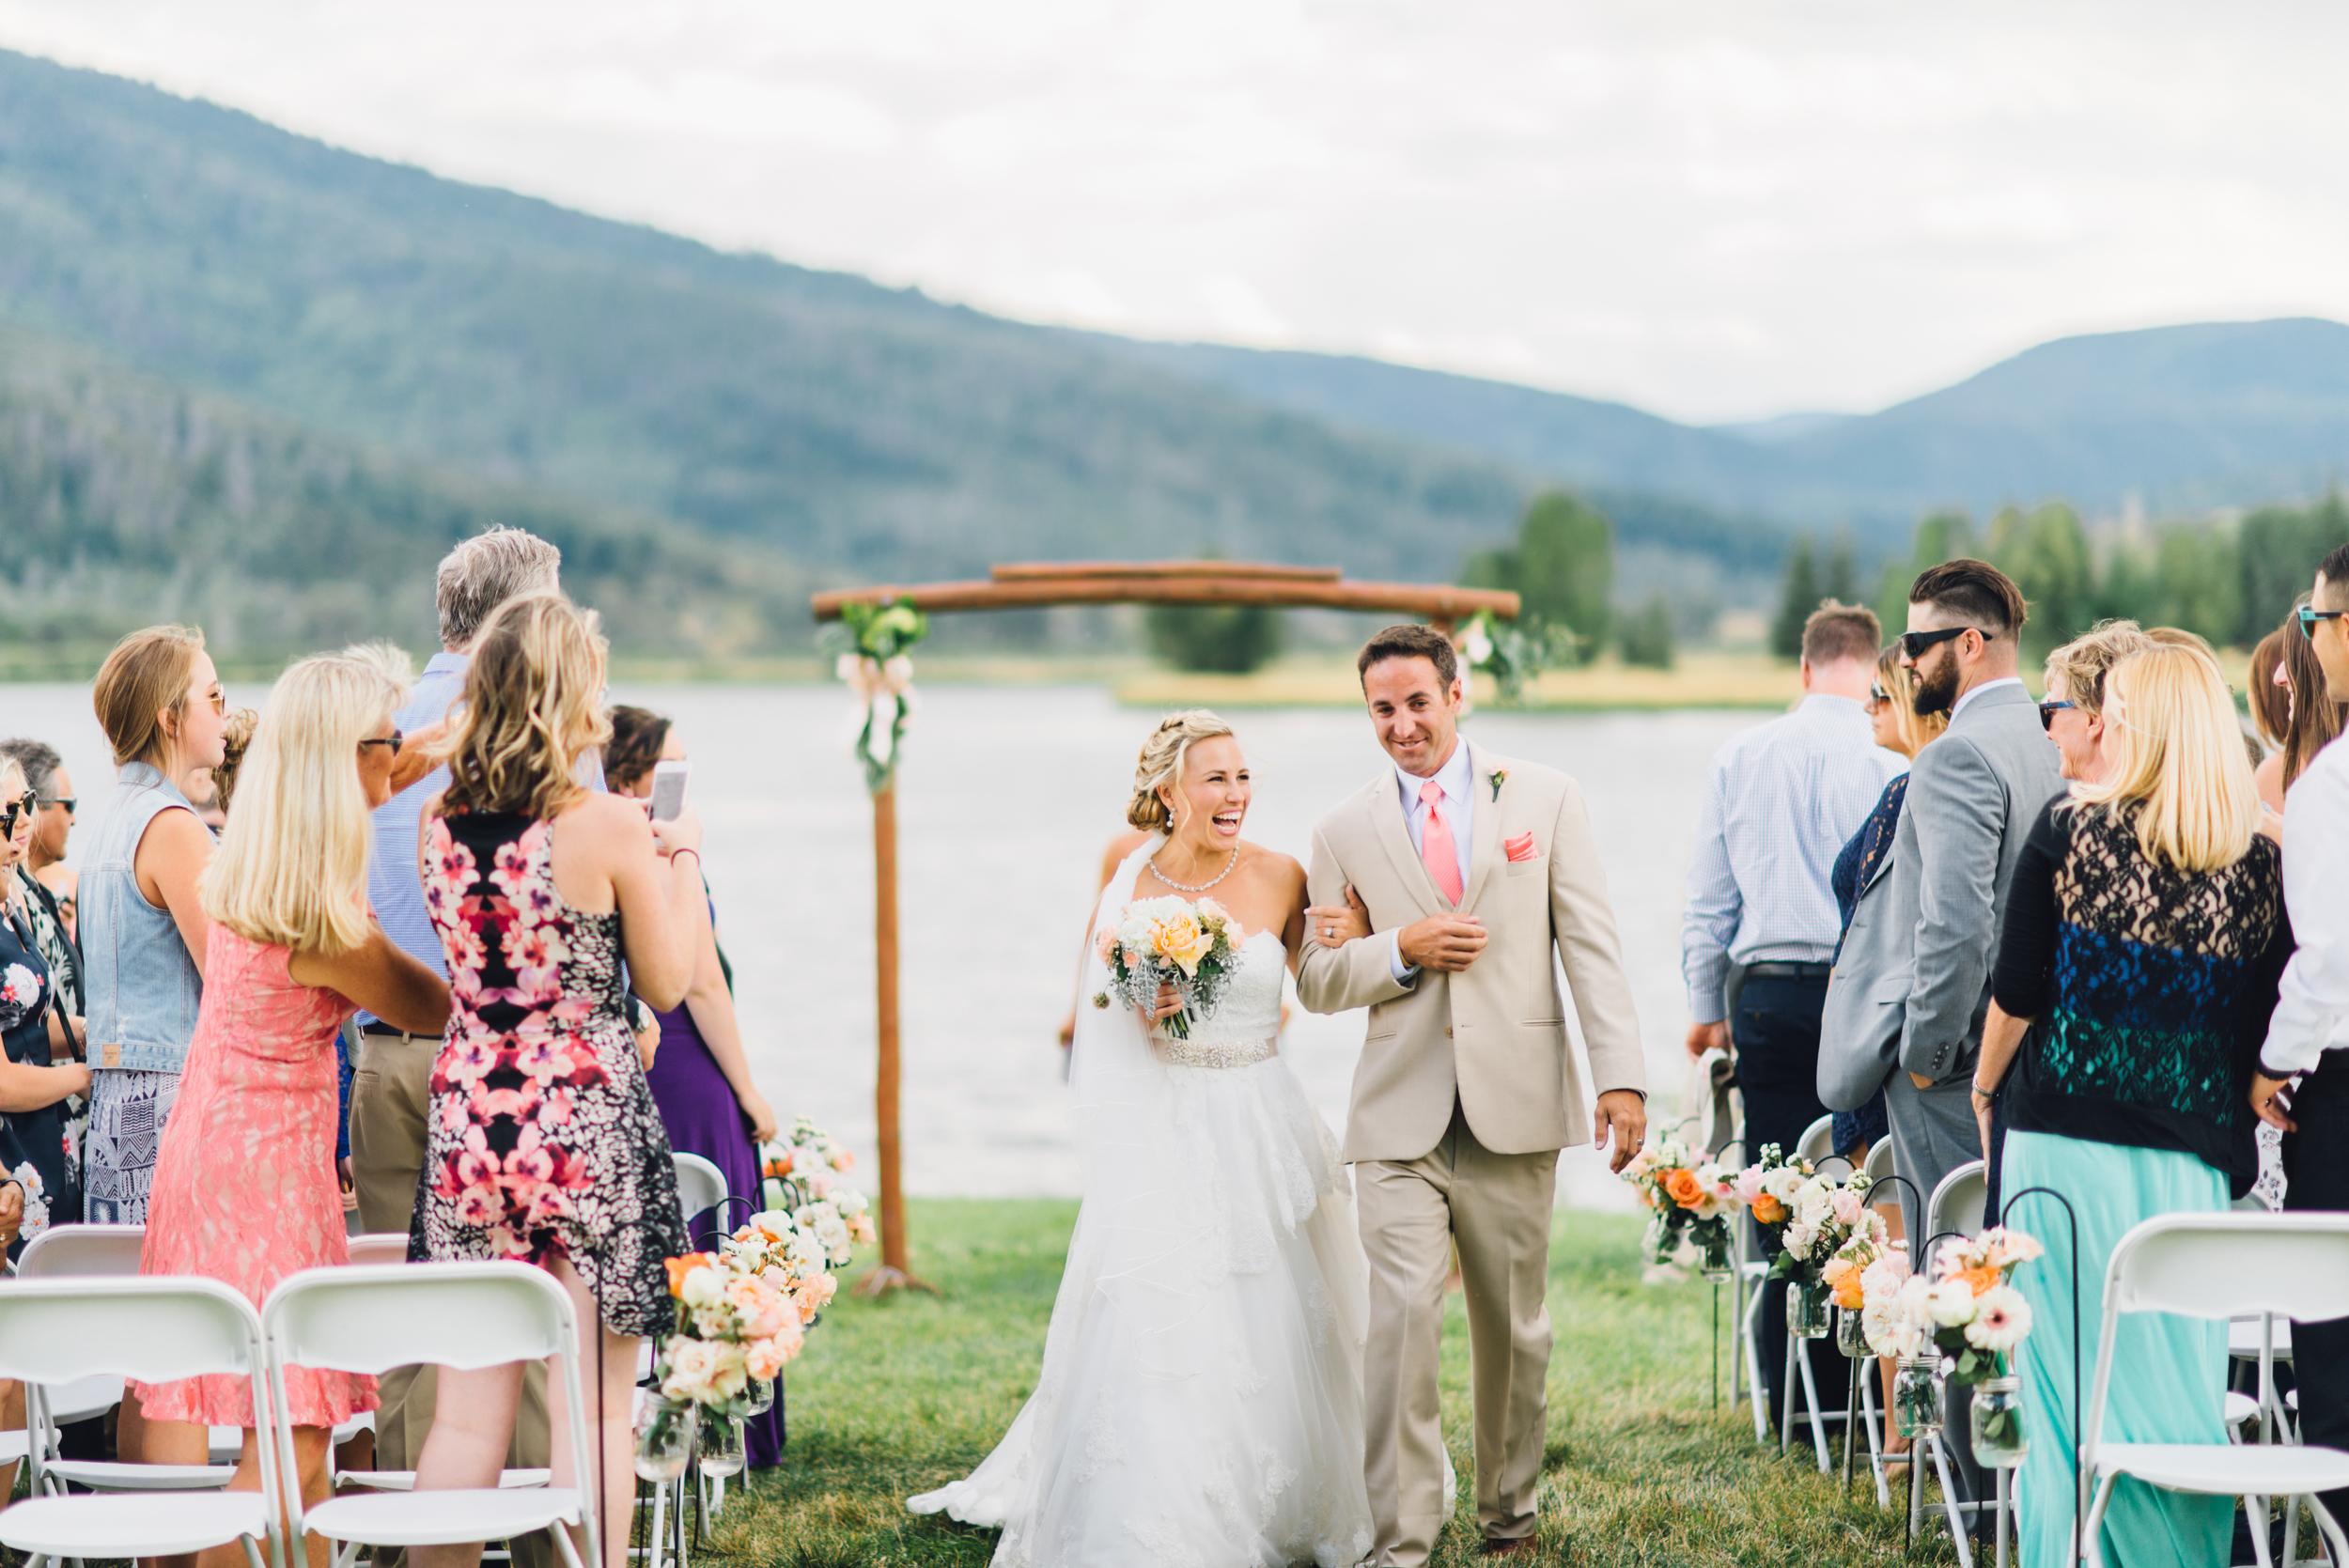 Seedhouse_Photography_Marsh_Wedding73532.jpg